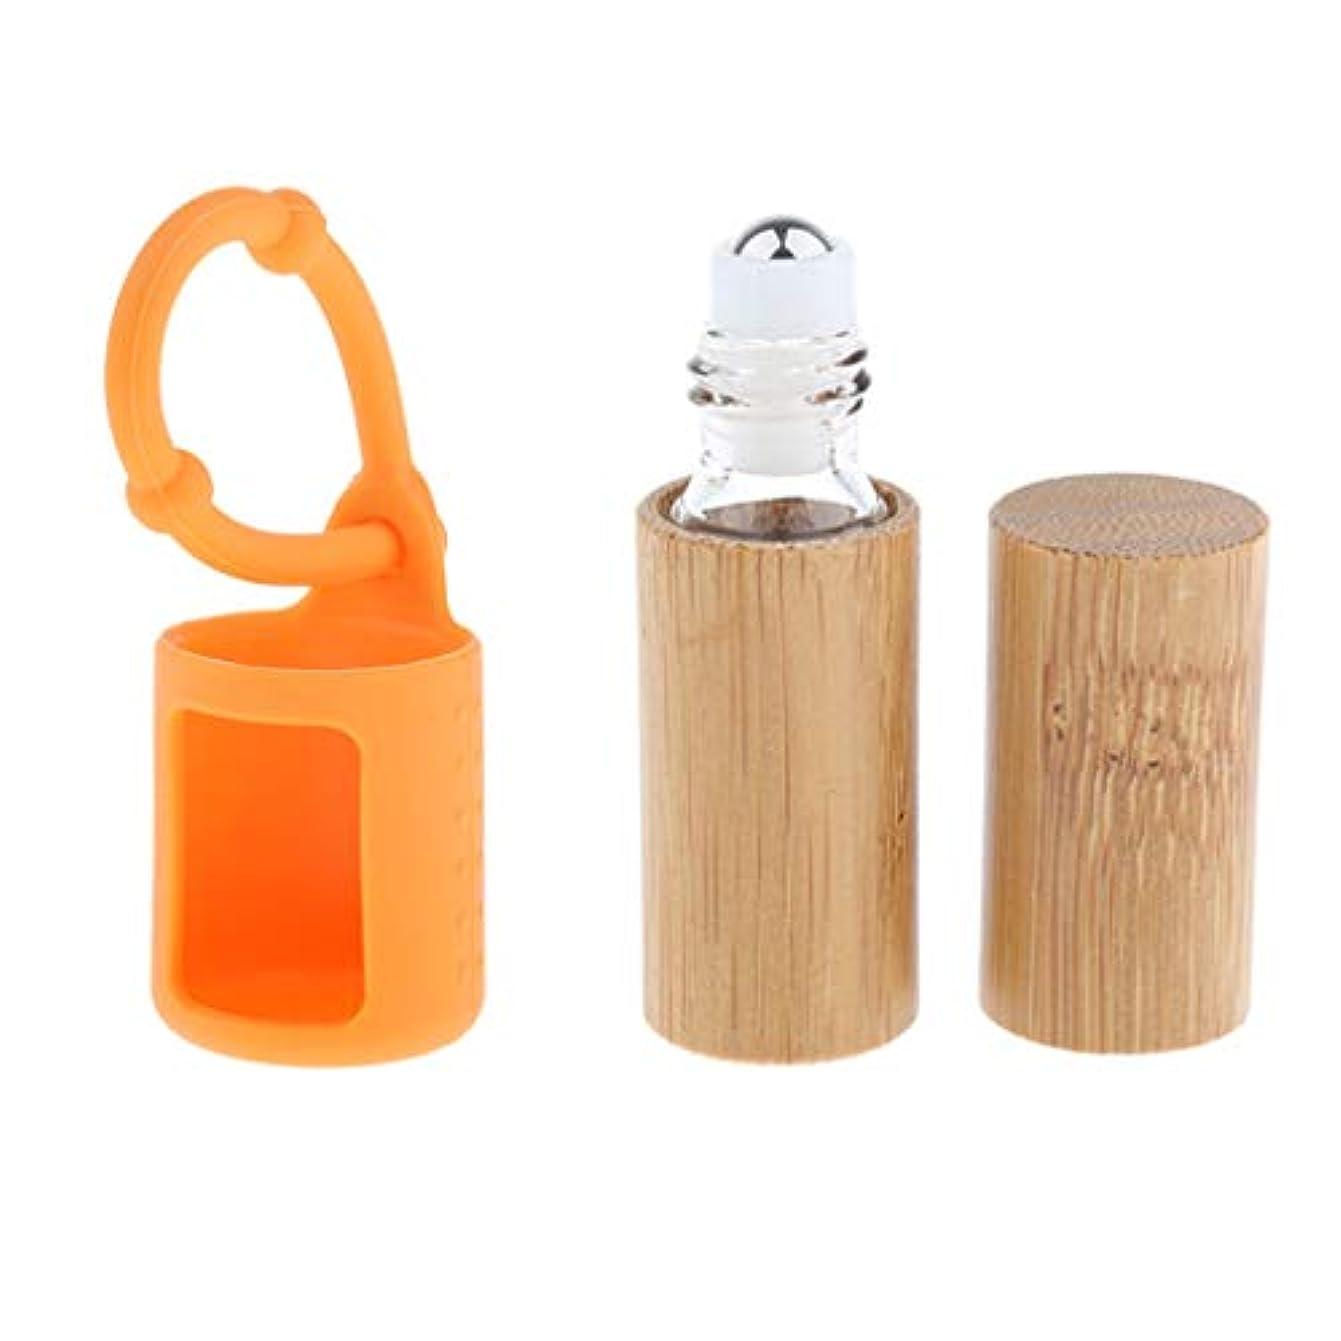 ライター病気骨髄竹ボトル エッセンシャルオイル 香水 オイル 精油瓶 詰め替え 5ミリ 吊り掛けバッグ付